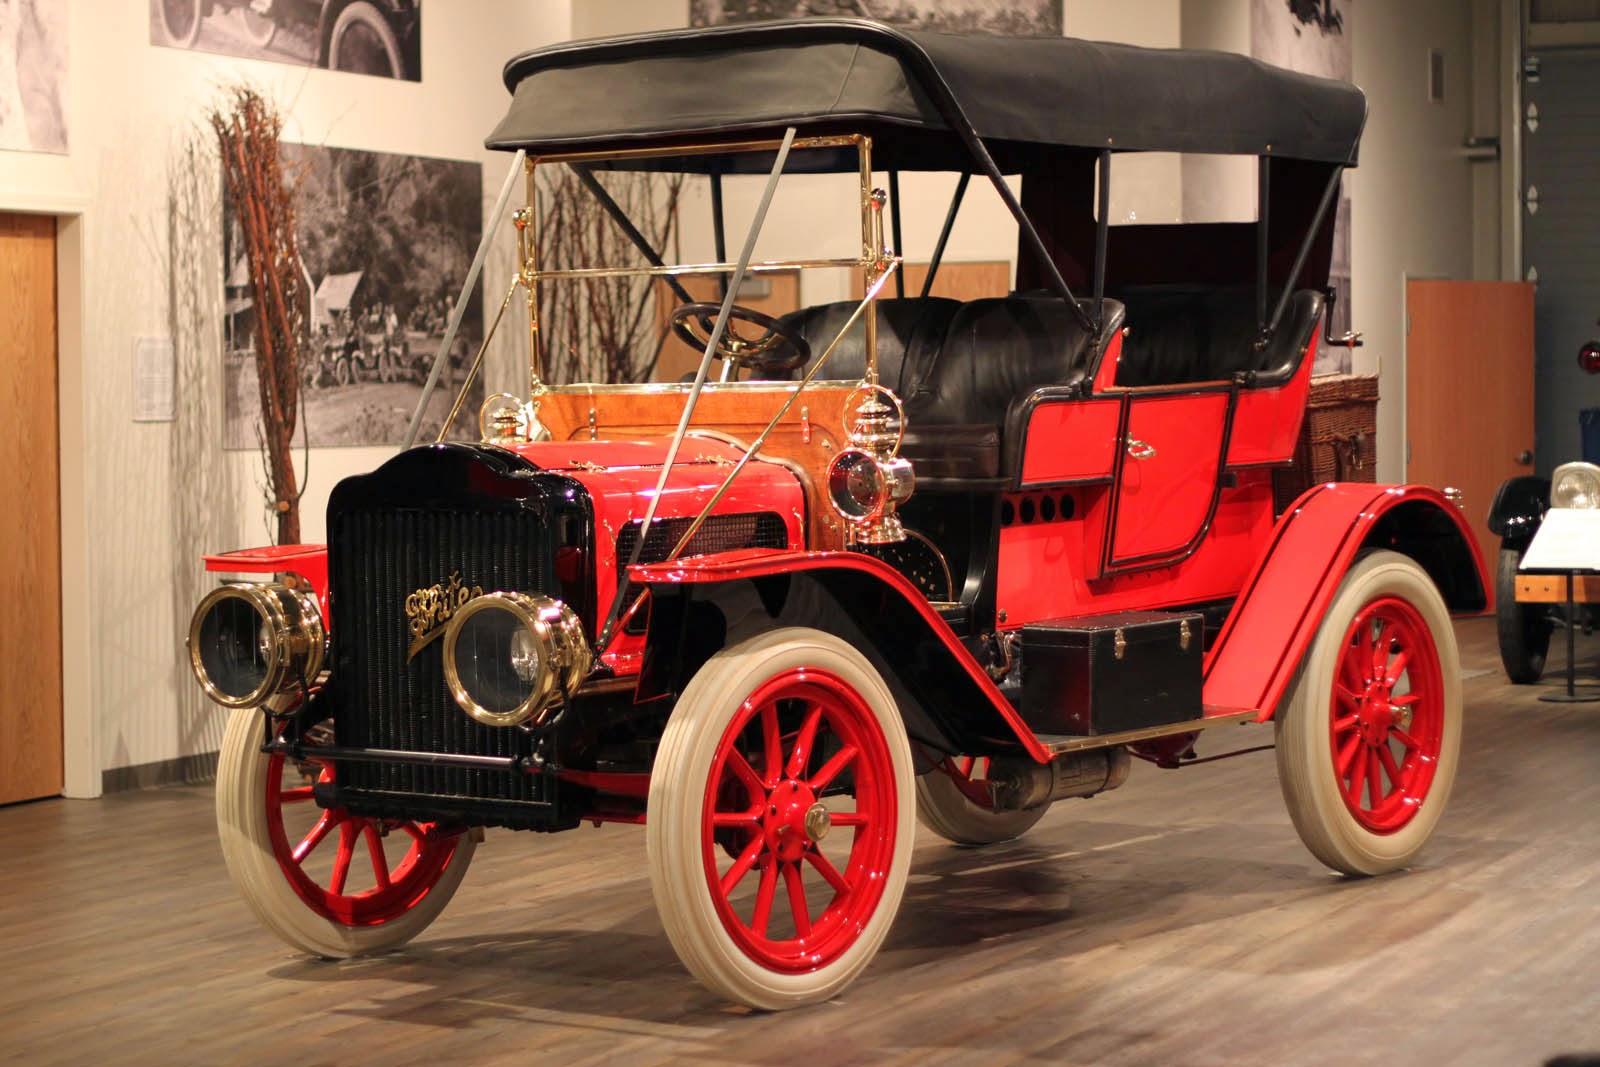 Fountainhead Antique Auto Museum: New Museum Exhibit: Extreme ...